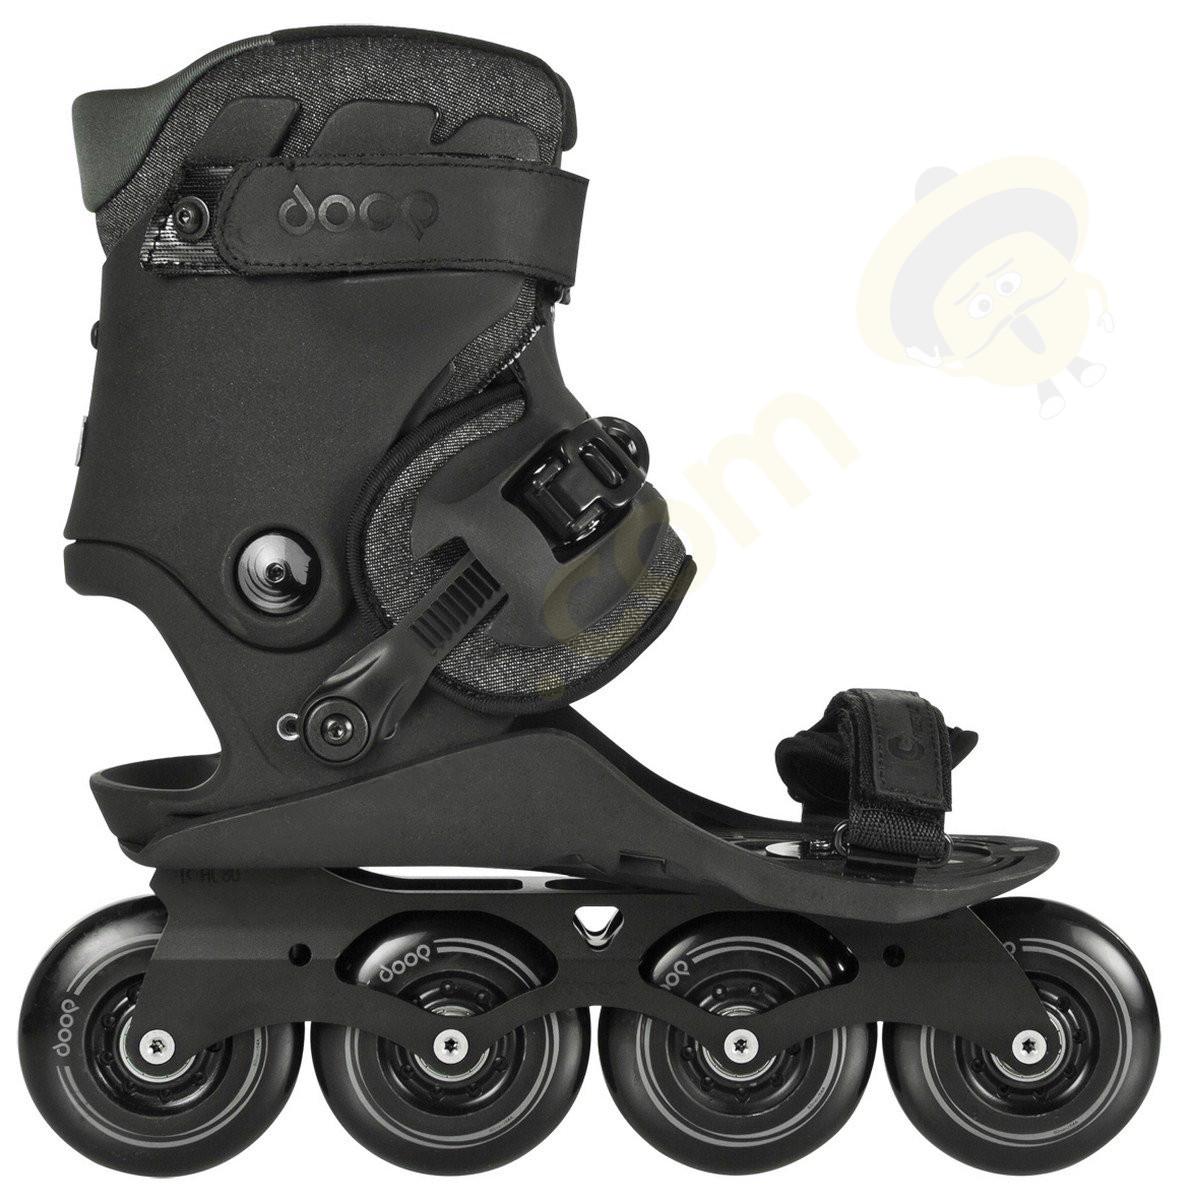 Powerslide Uk: Inline Skates Powerslide Doop Freestyle L 909003 `13